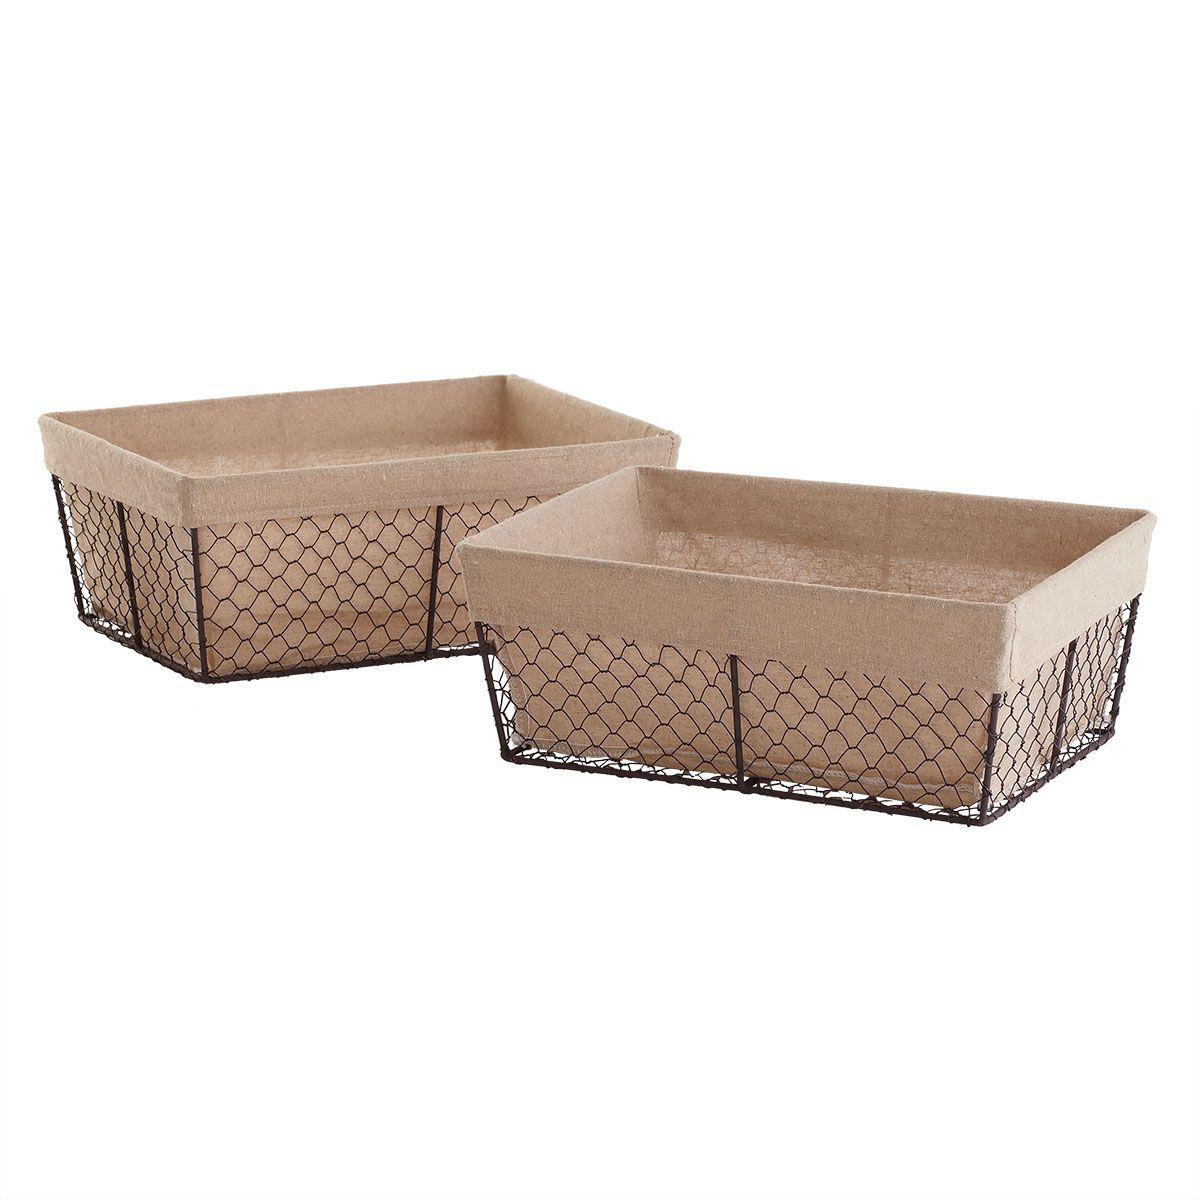 Merveilleux W7034 Linen Lined Wire Baskets   Medium Storage